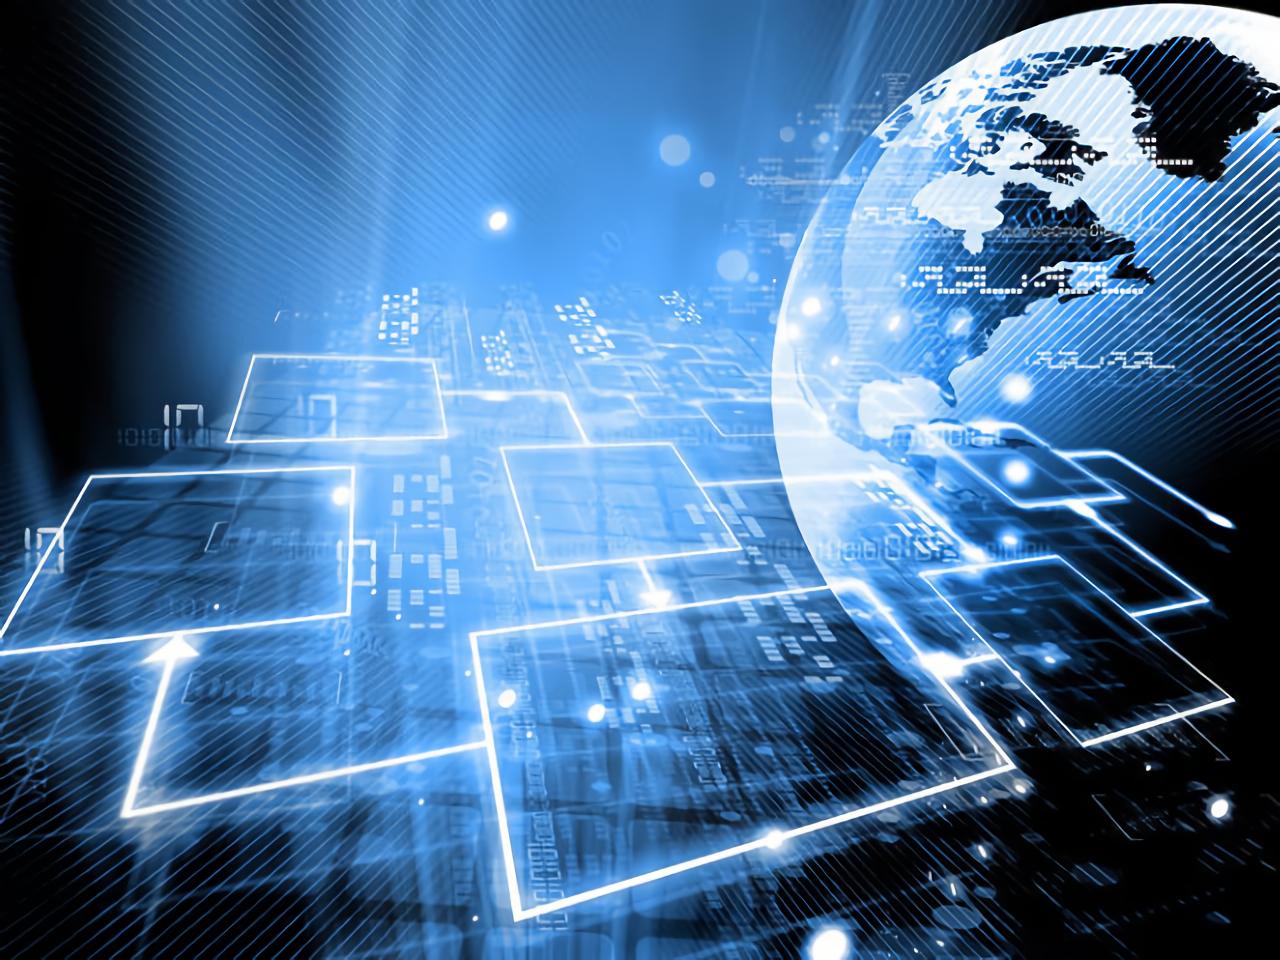 NTTデータ先端技術、「ブロックチェーンアプリ開発サービス」を提供